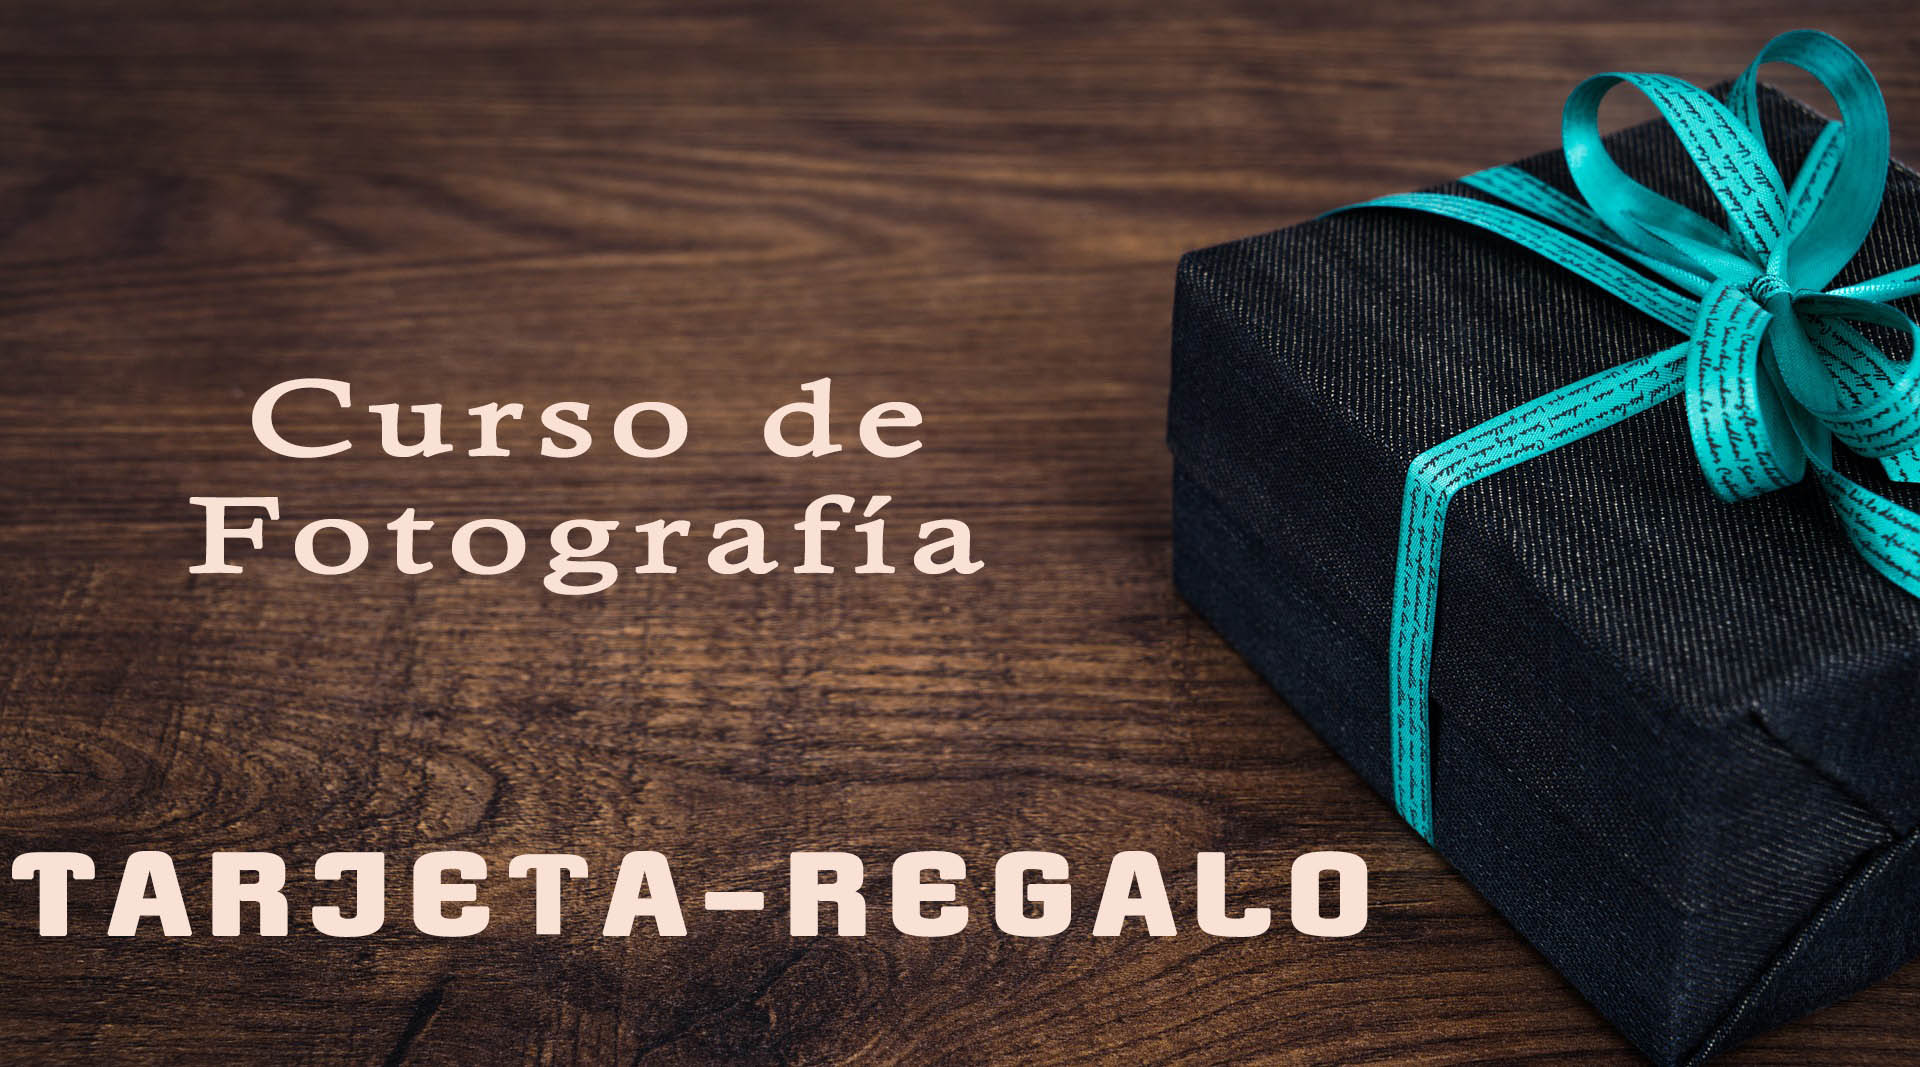 REGALA CURSOS DE FOTOGRAFÍA